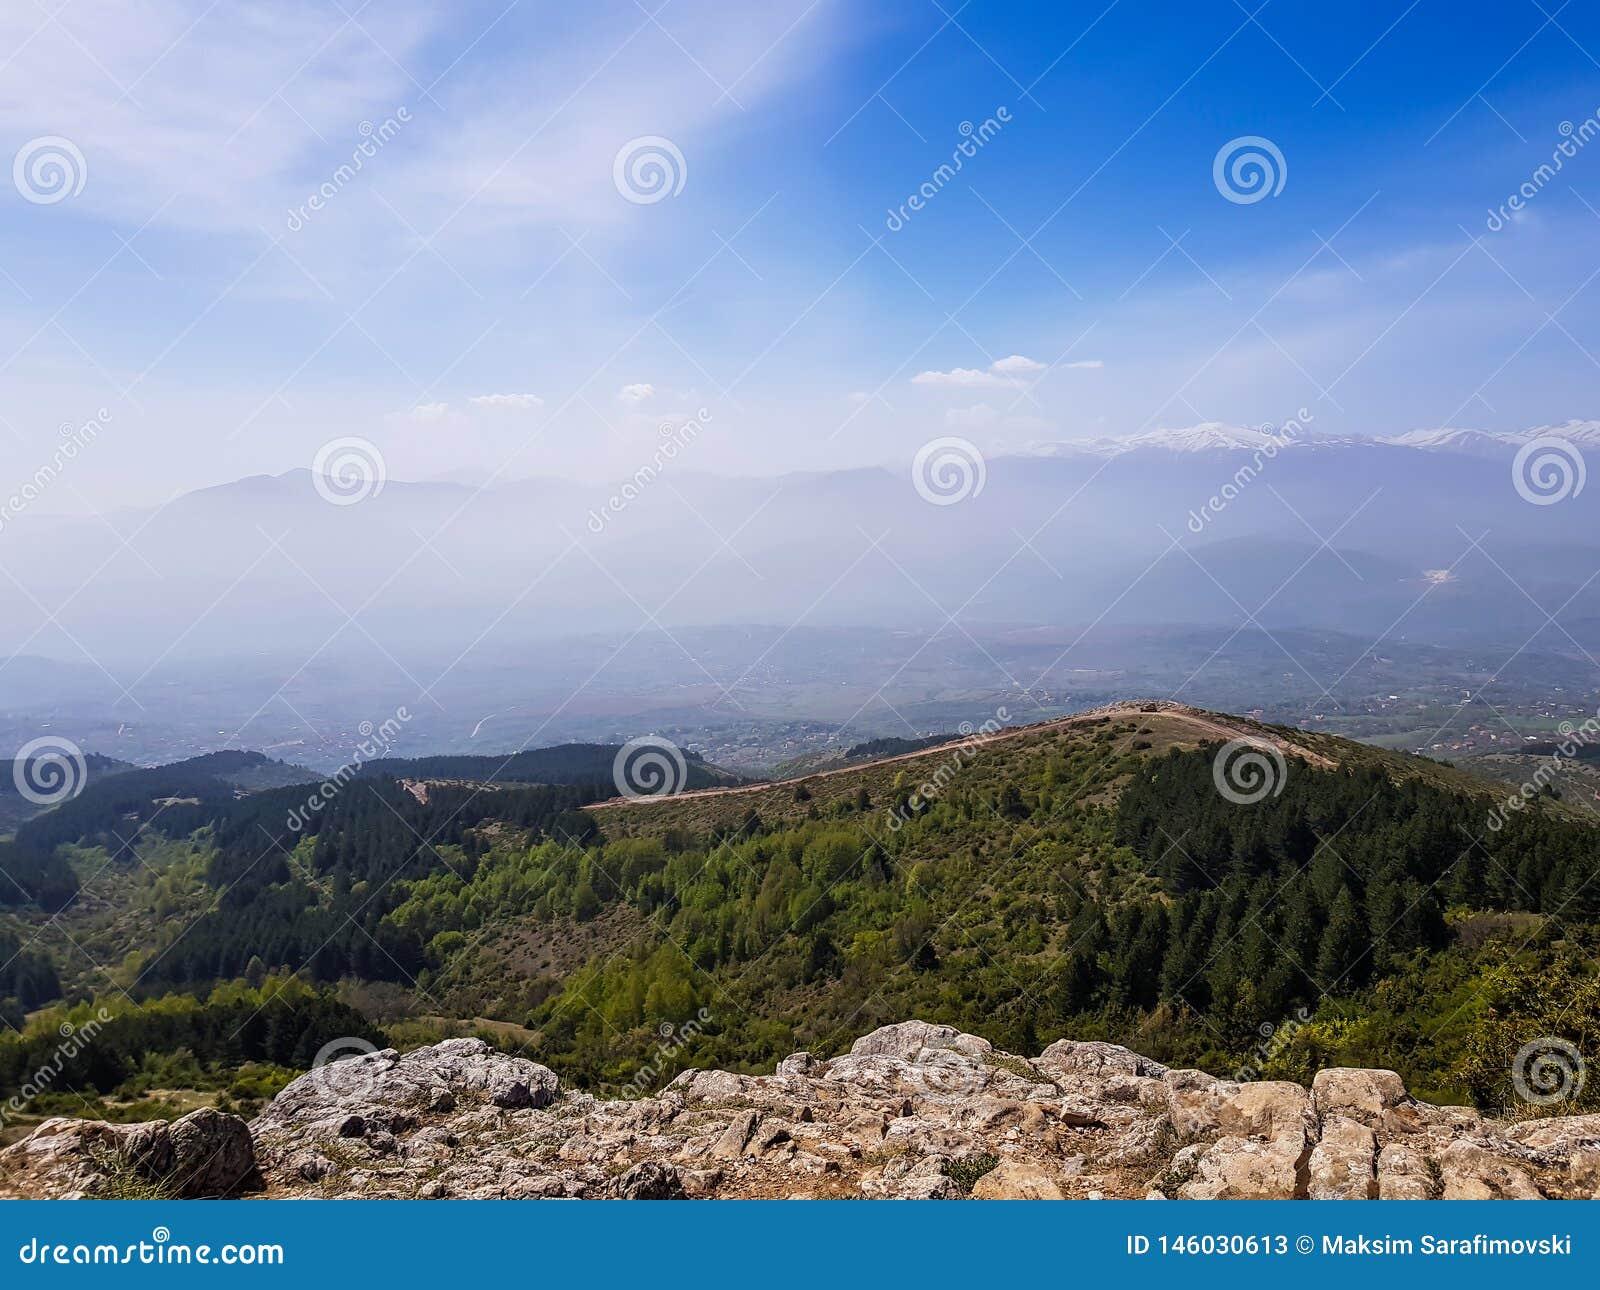 Фотоснимок силуэта гор с туманом